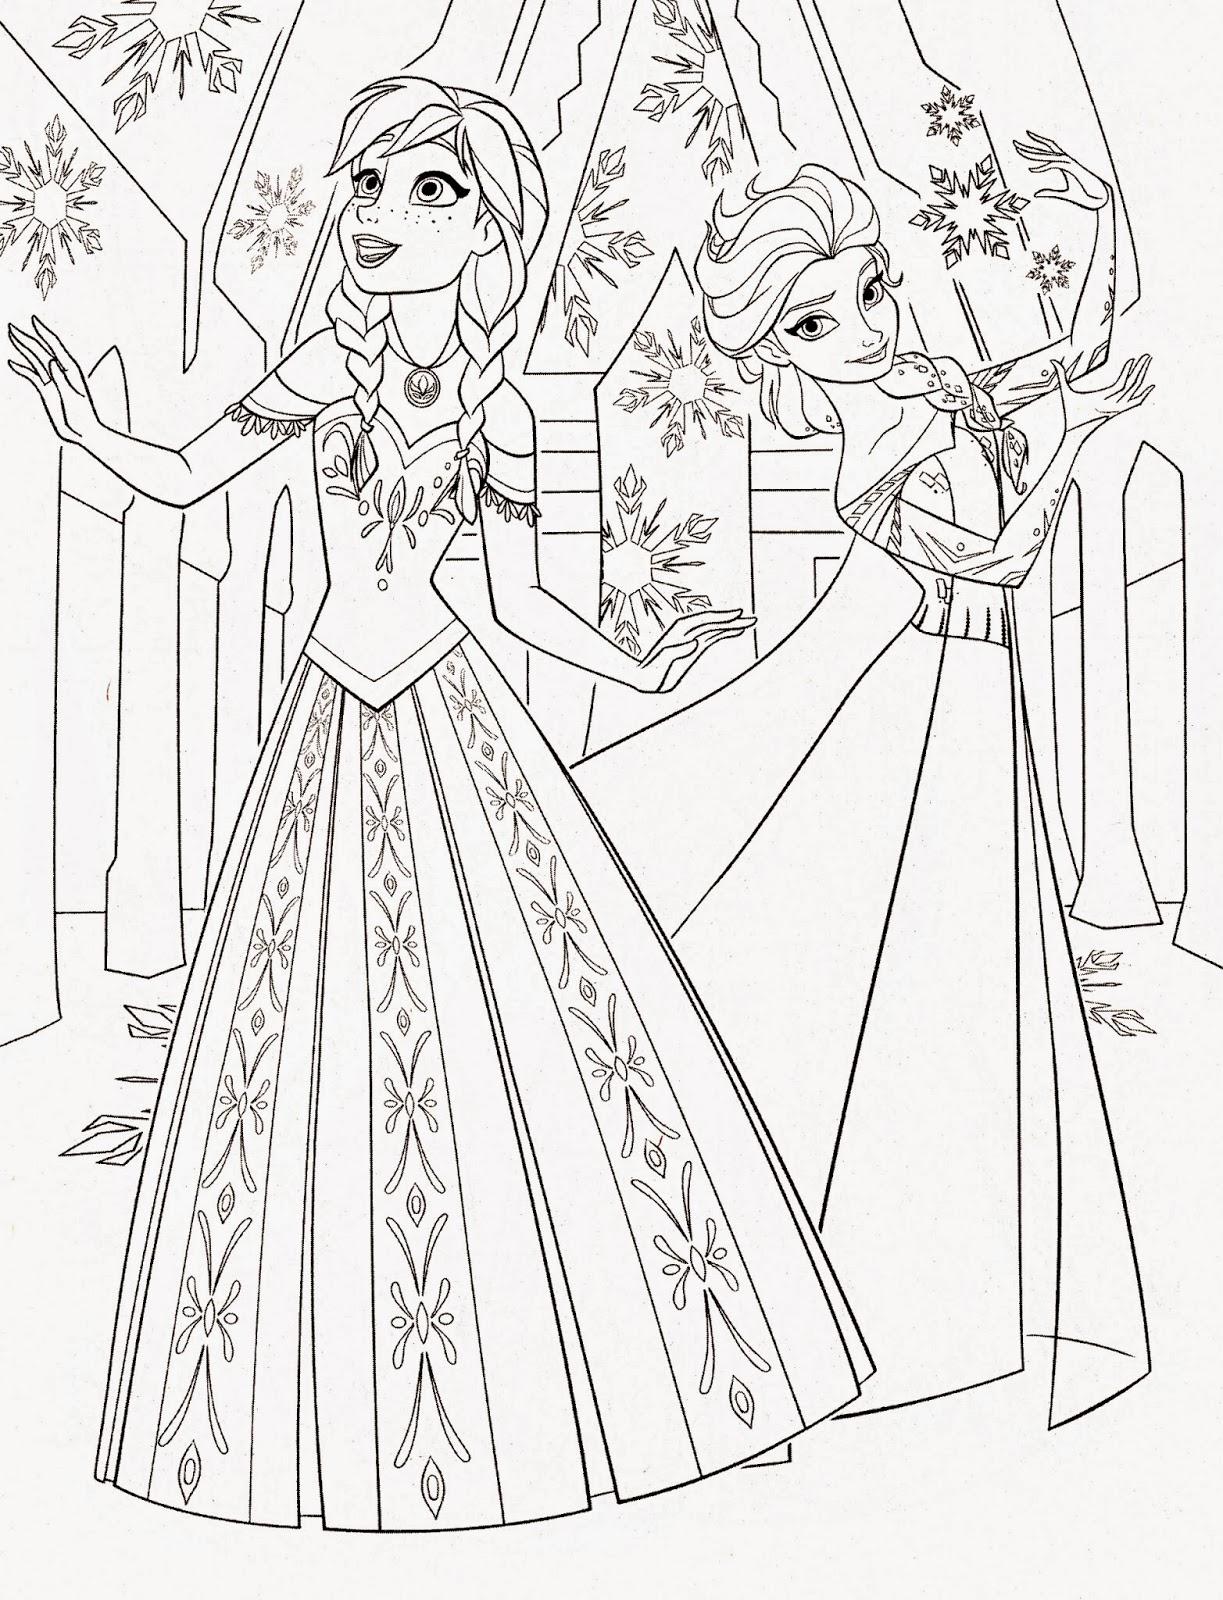 14 Wall Disney Princess Coloring